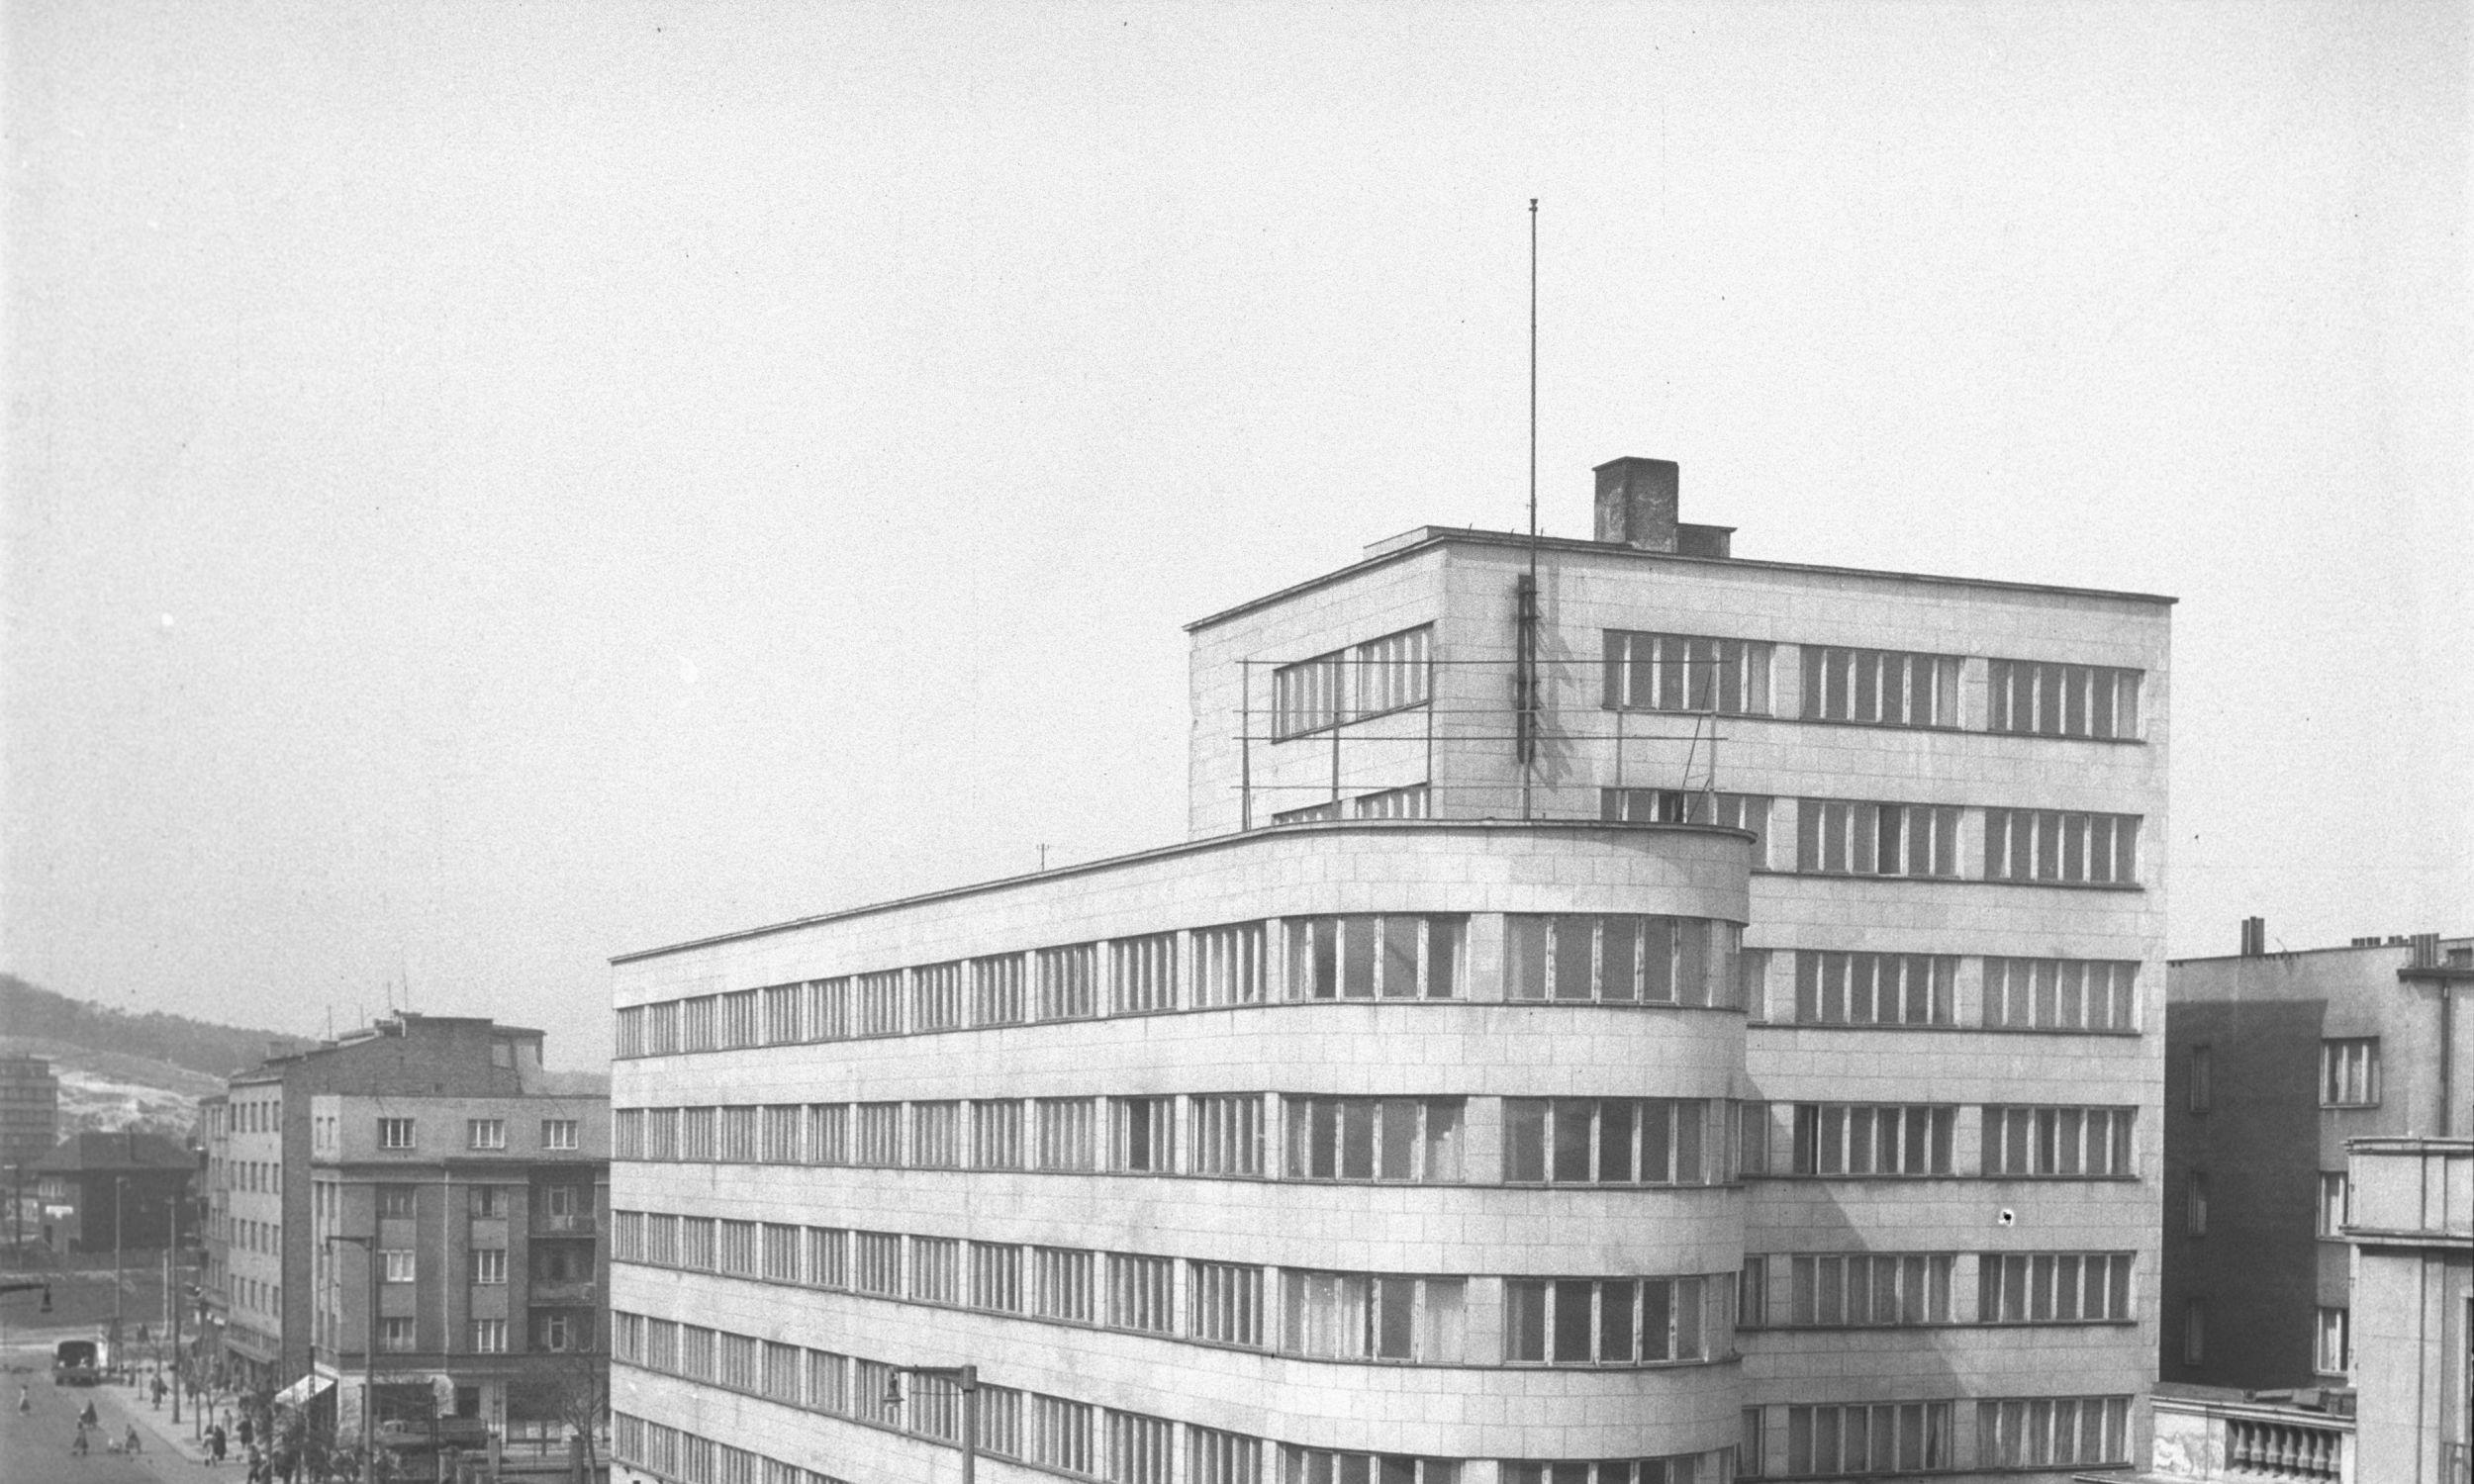 Siedziba Polskich Linii Oceanicznych w Gdyni przy ul. 10 Lutego 24 zaprojektowana przez Romana Piotrowskiego w latach 1935-36. Fot. PAP/Janusz Uklejewski